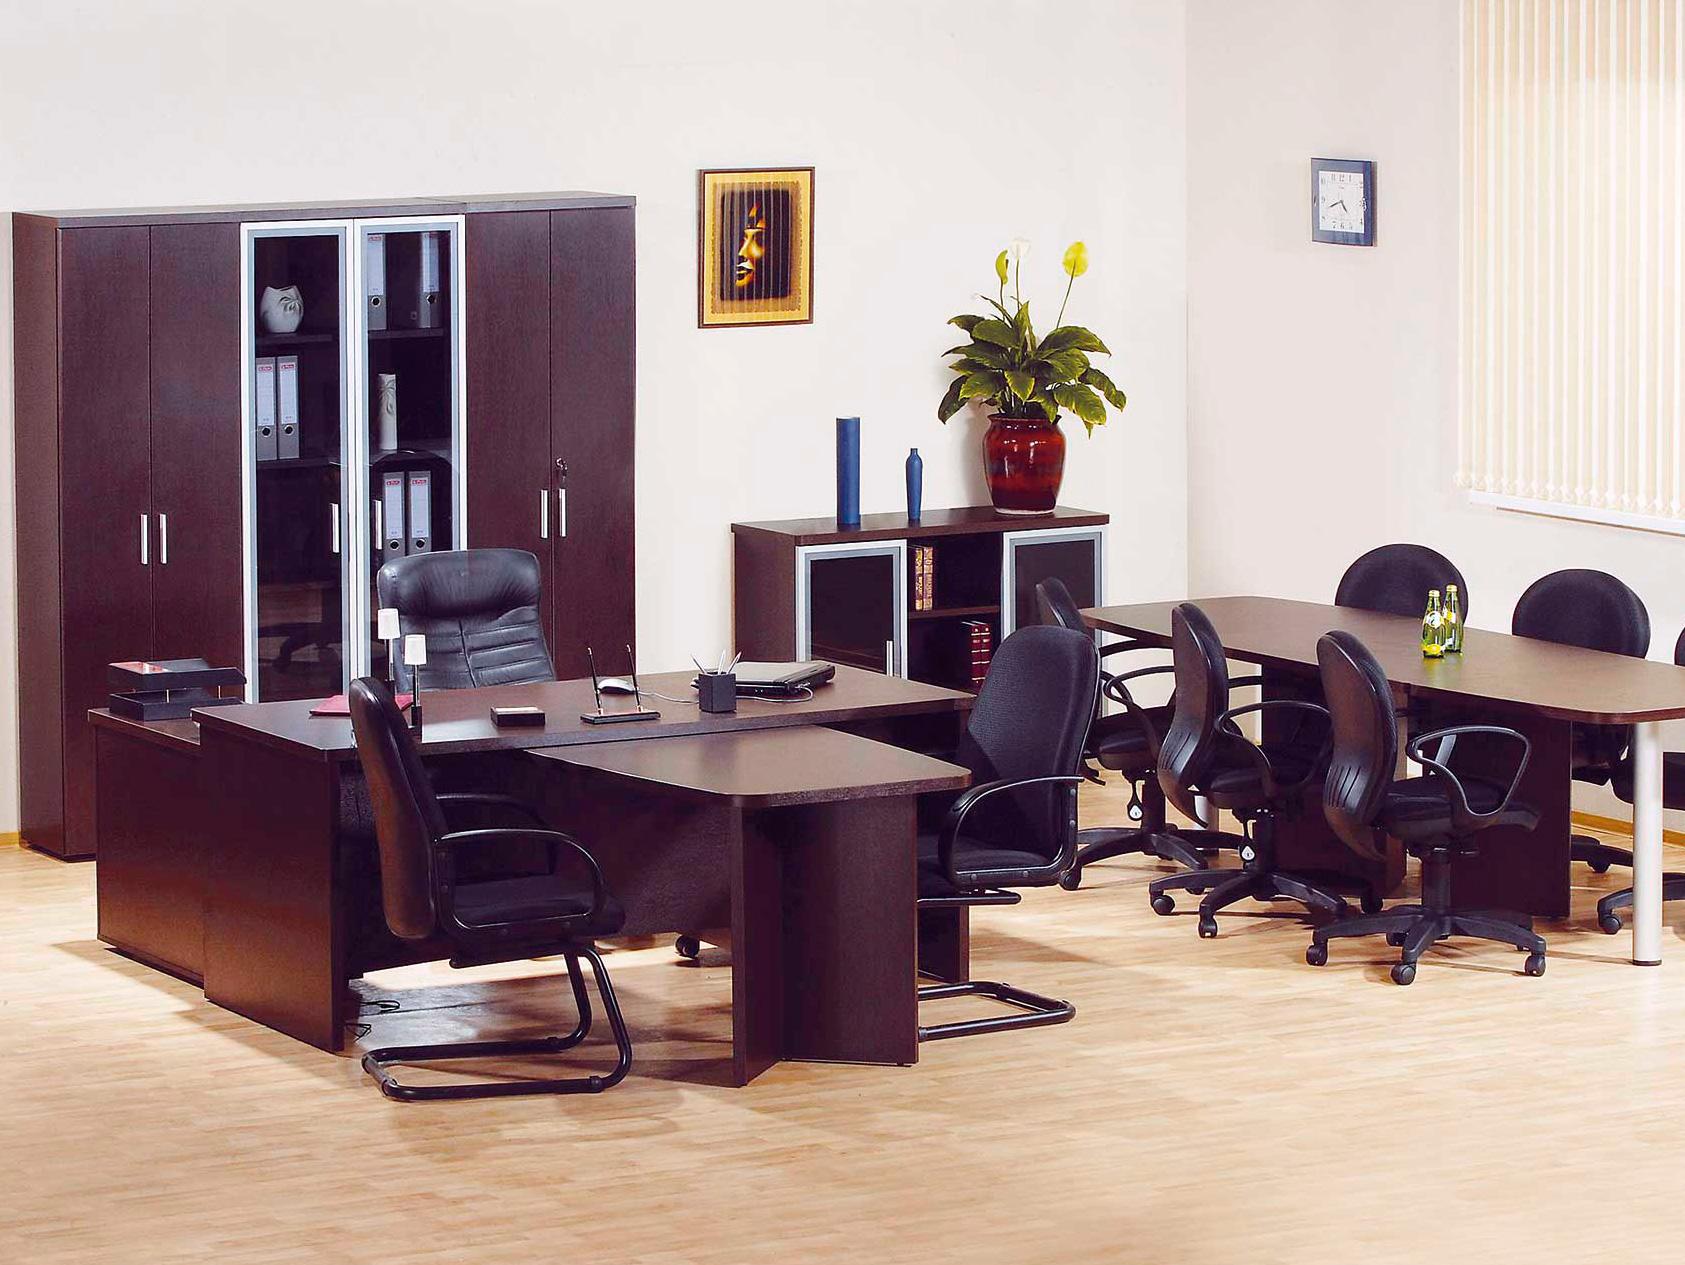 ротик, офисная мебель красивая картинки двух